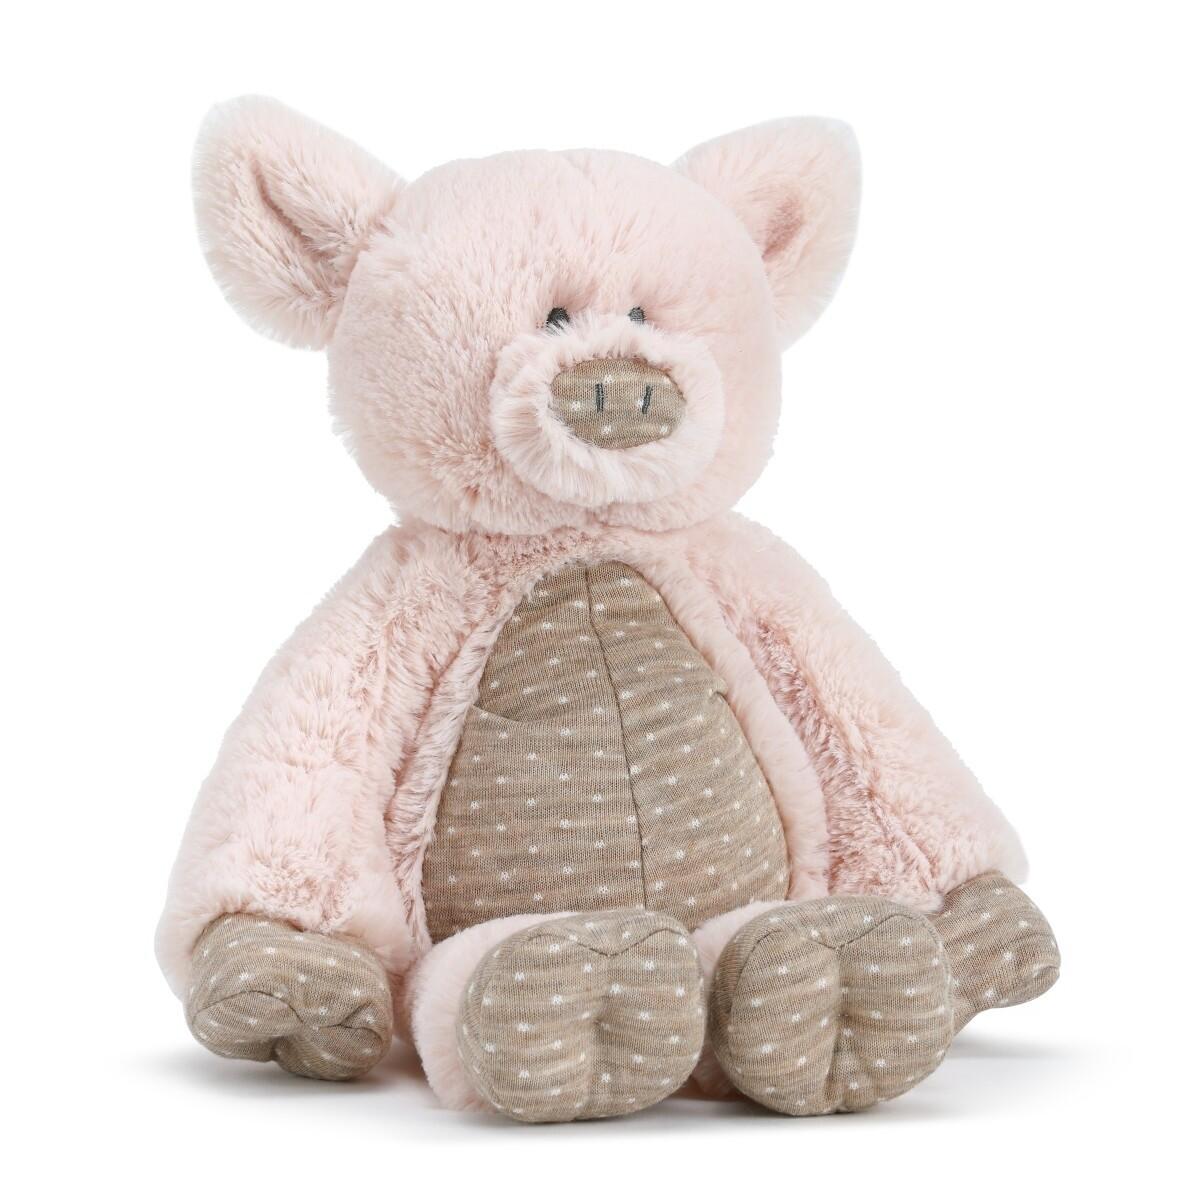 Demdaco Barnyard Plush Pig